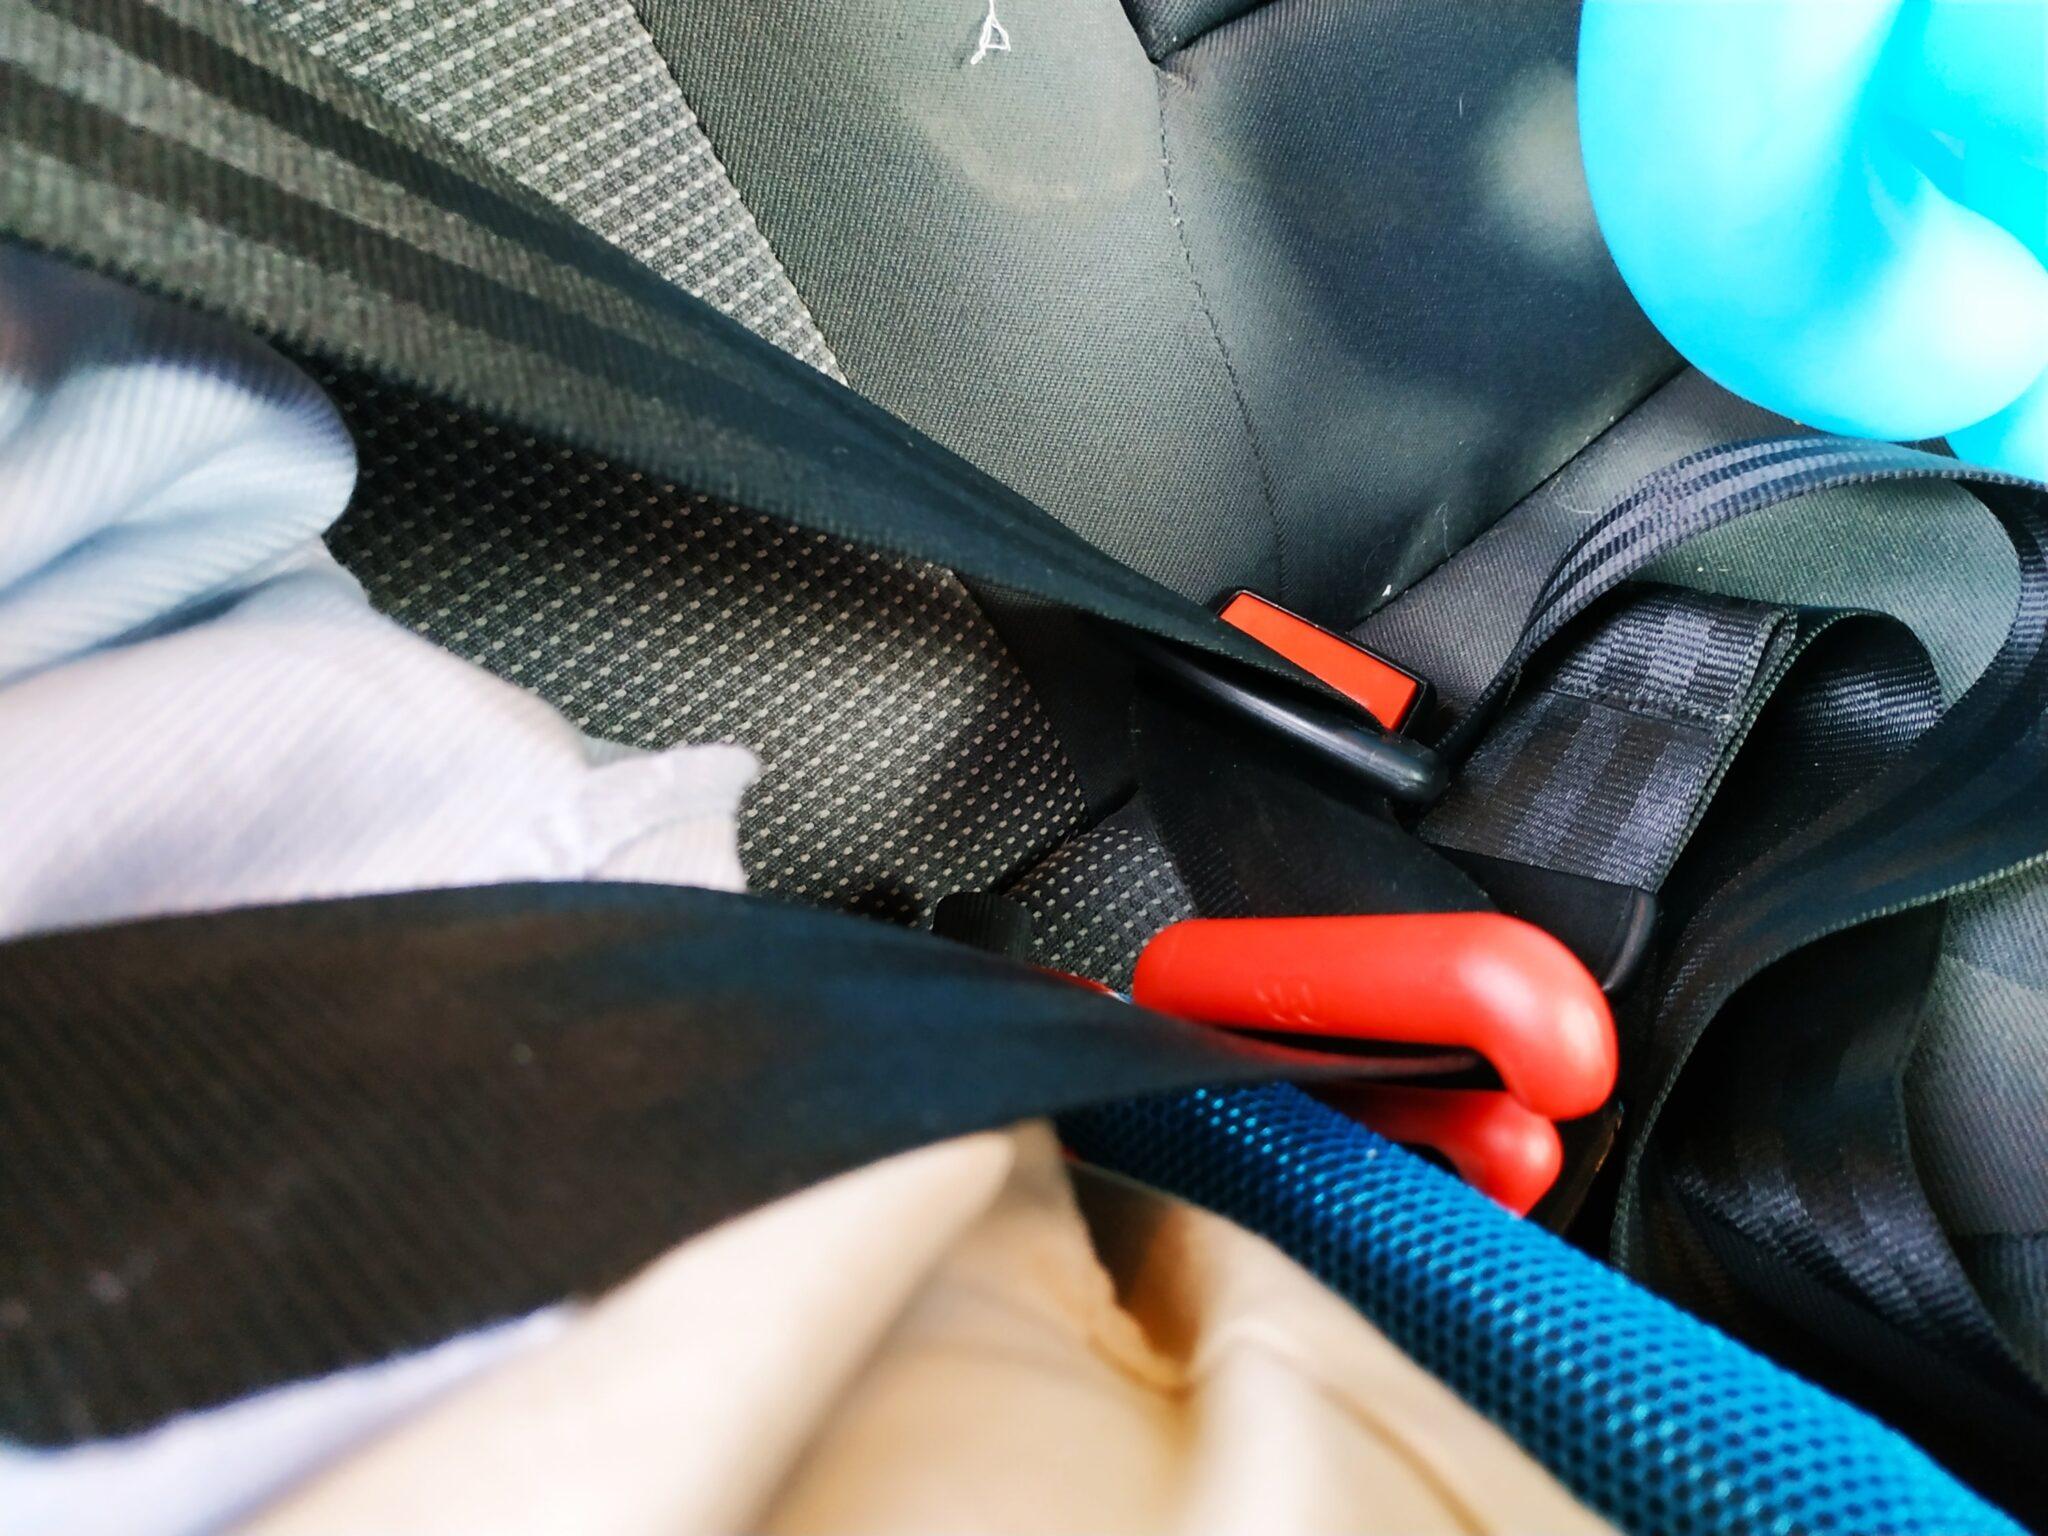 img 20190602 2013133344144634279308598 - Conoce el alzador de coche compacto Bubble Bum. Ideal para viajar!